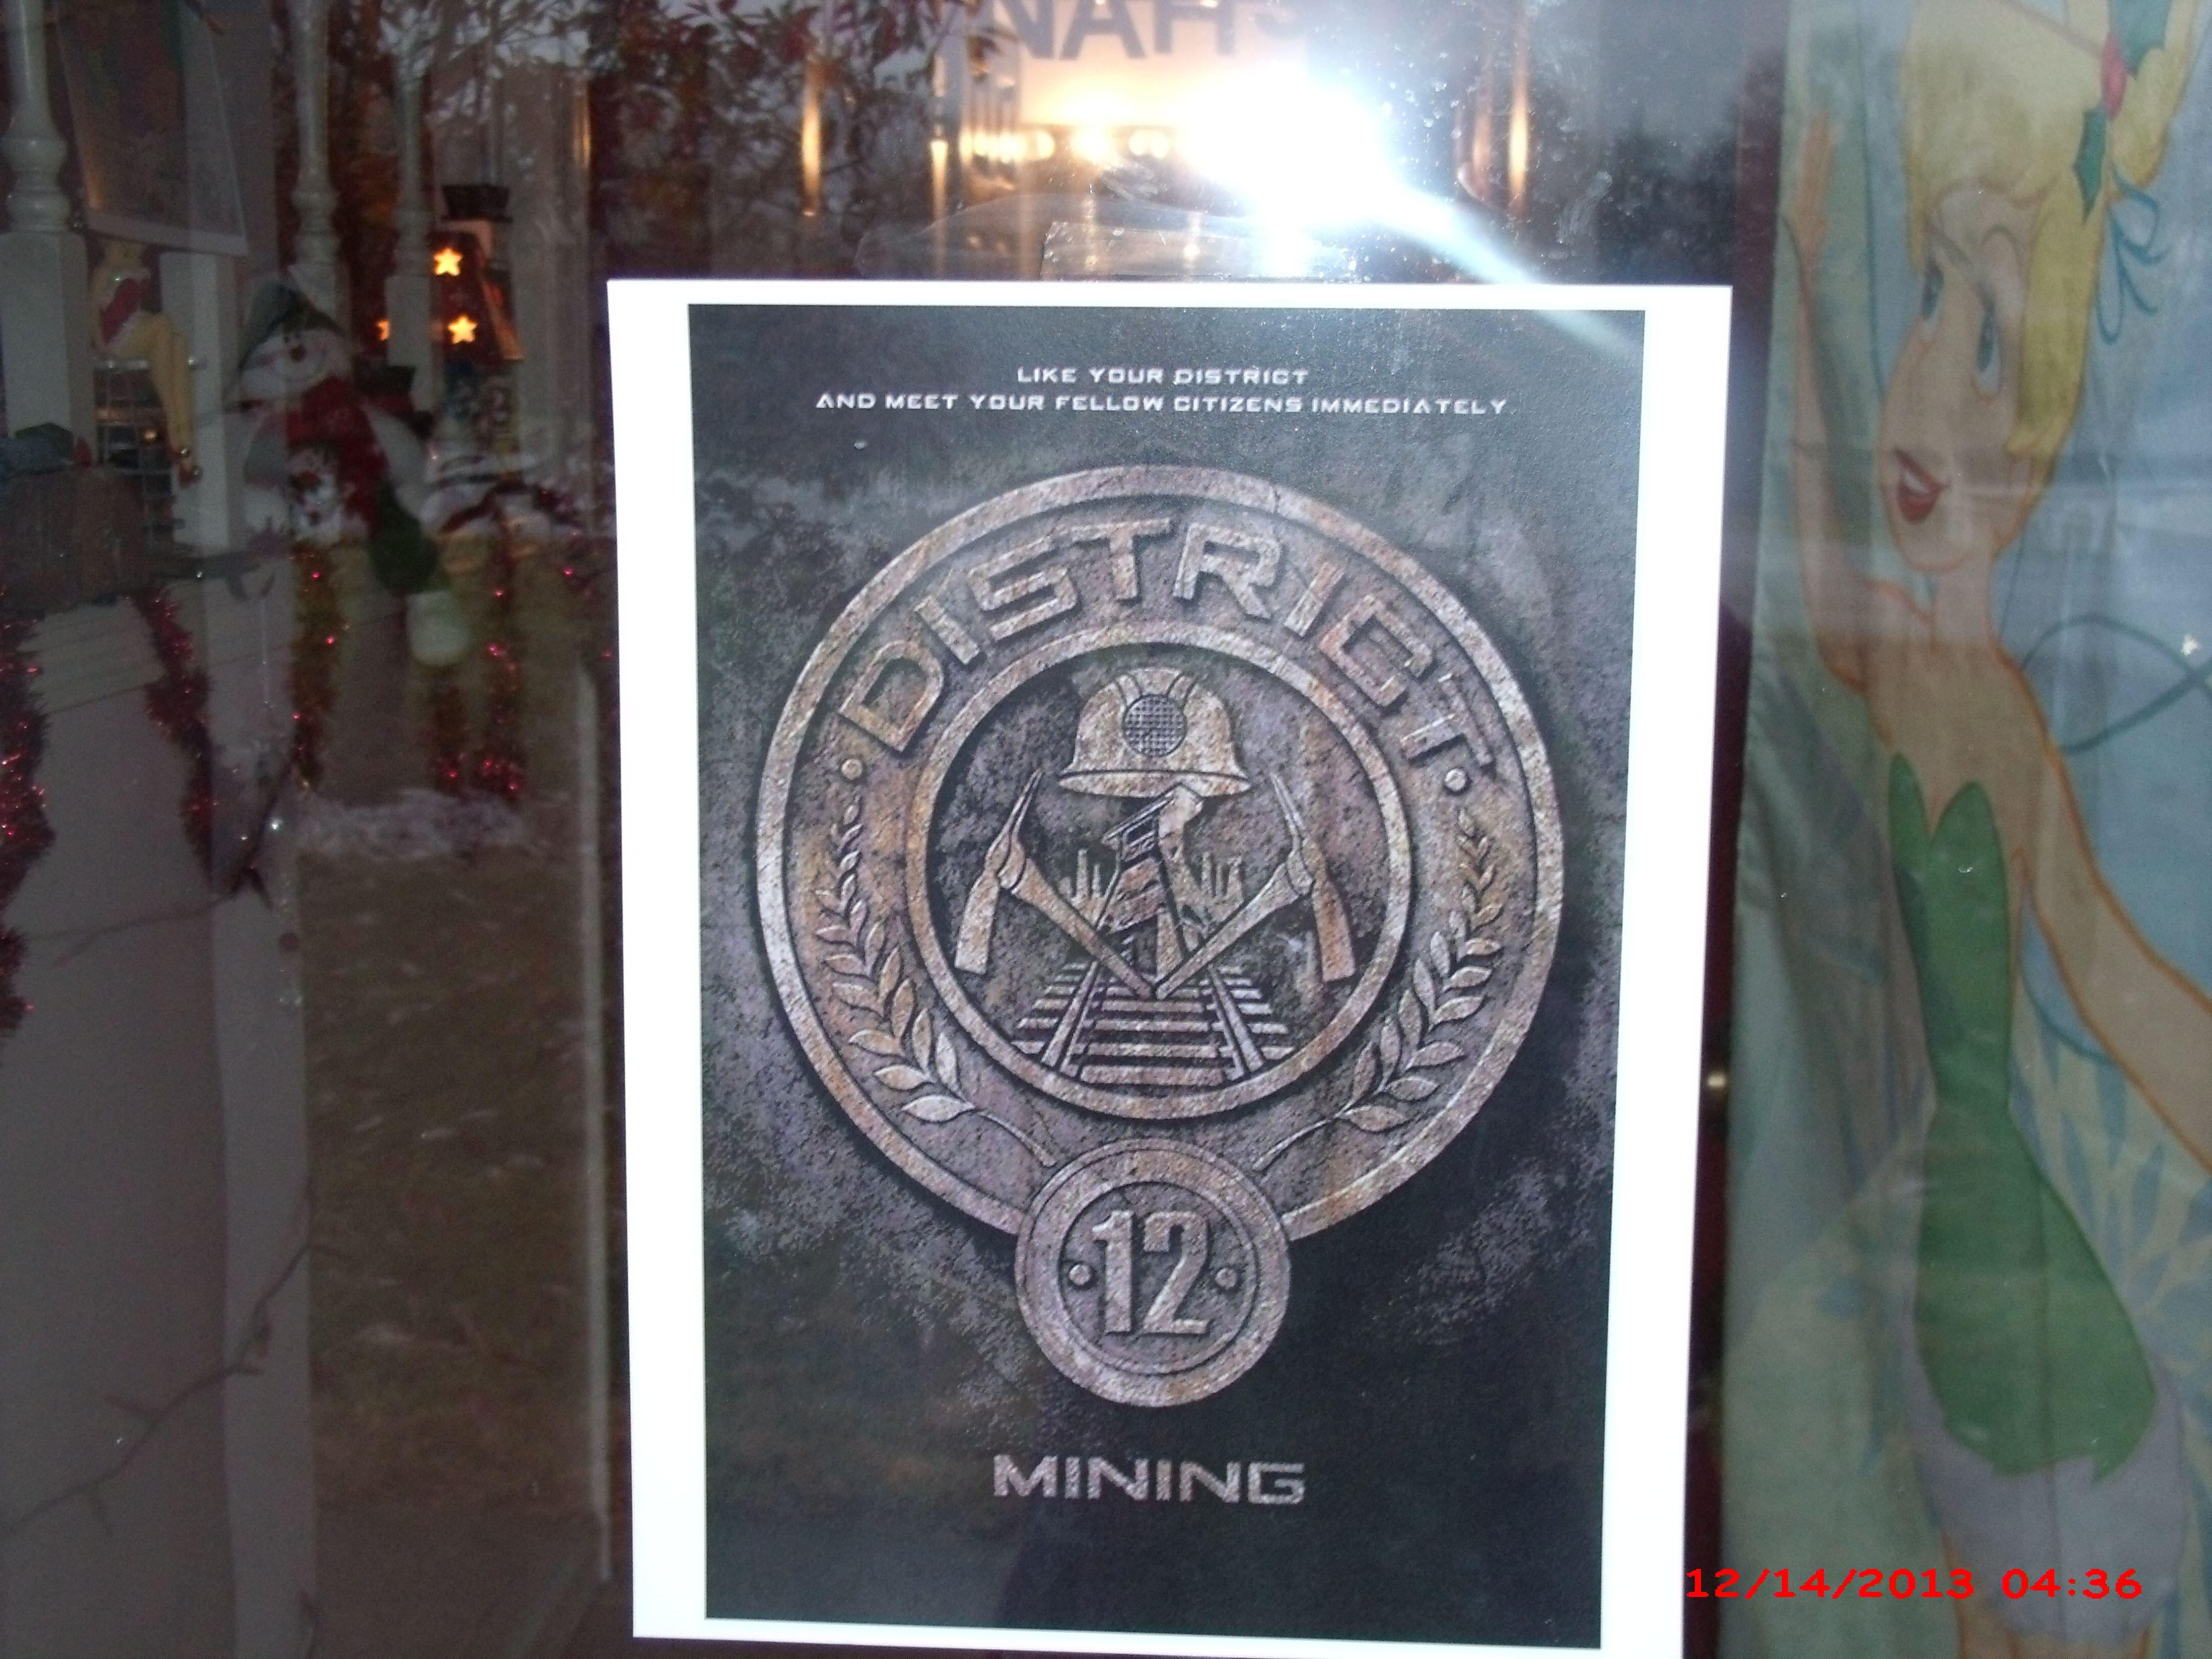 District 12 emblem